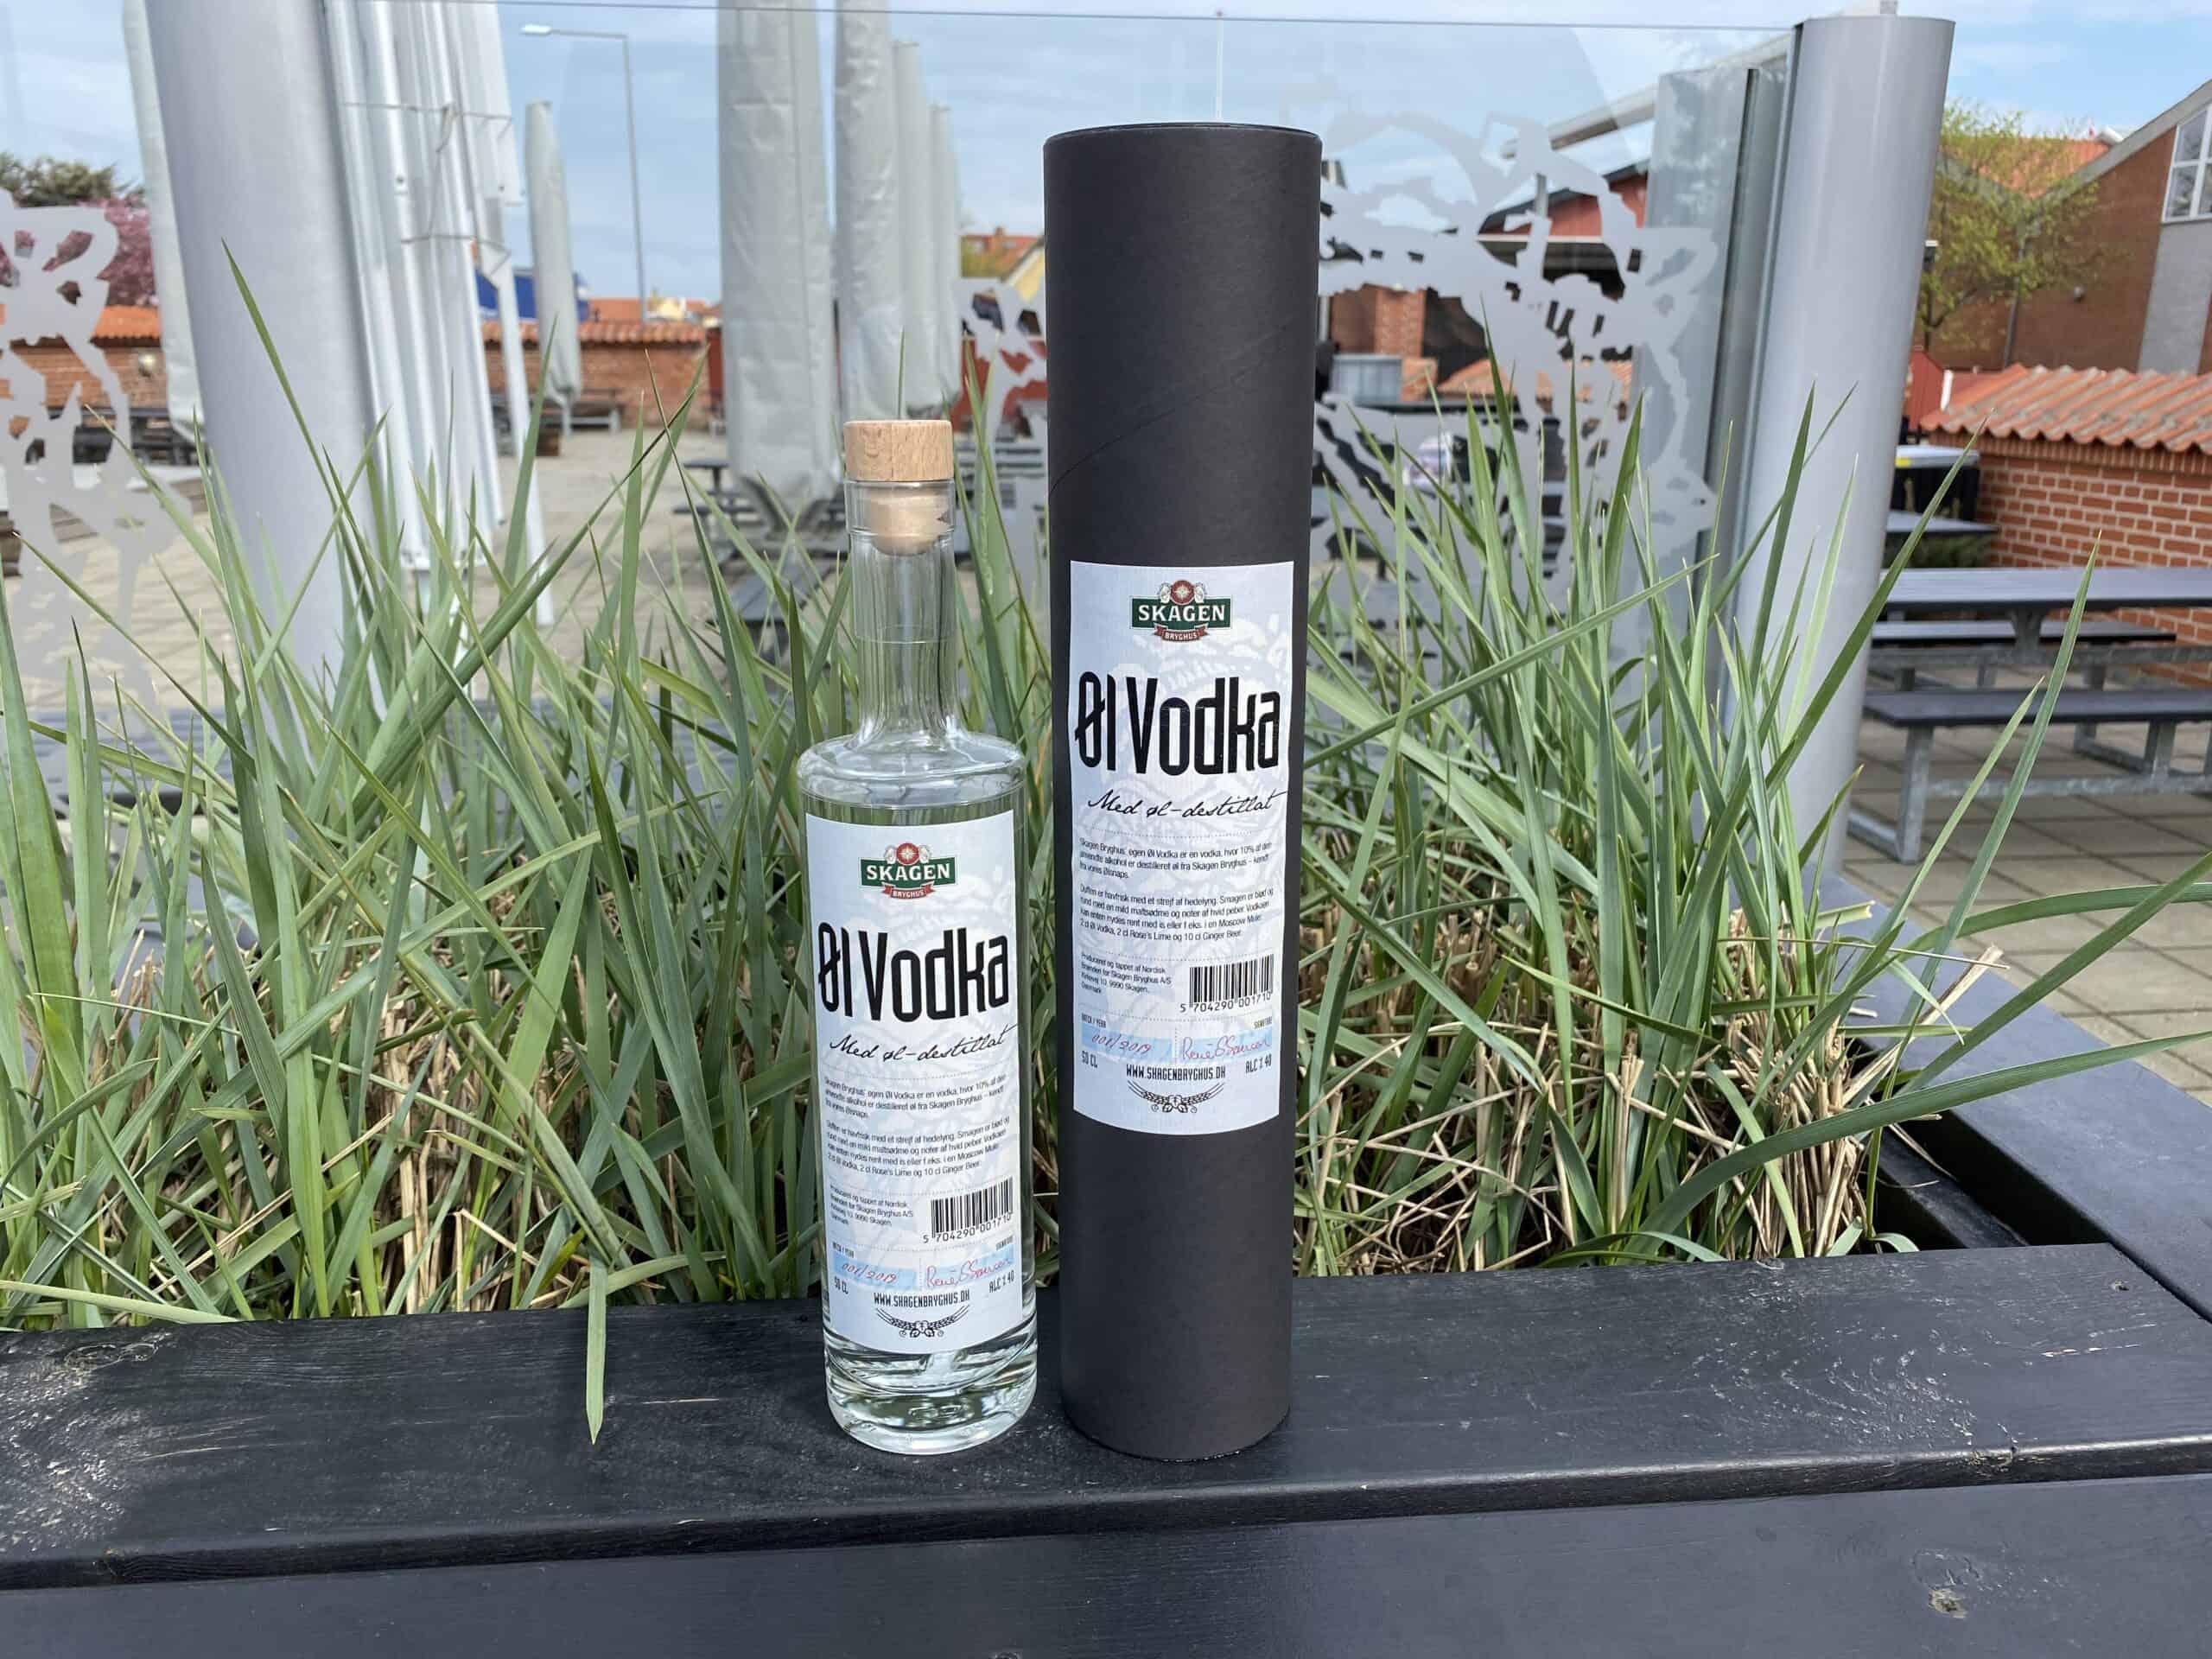 Skagen Bryghus Øl Vodka (Aktionærtilbud)